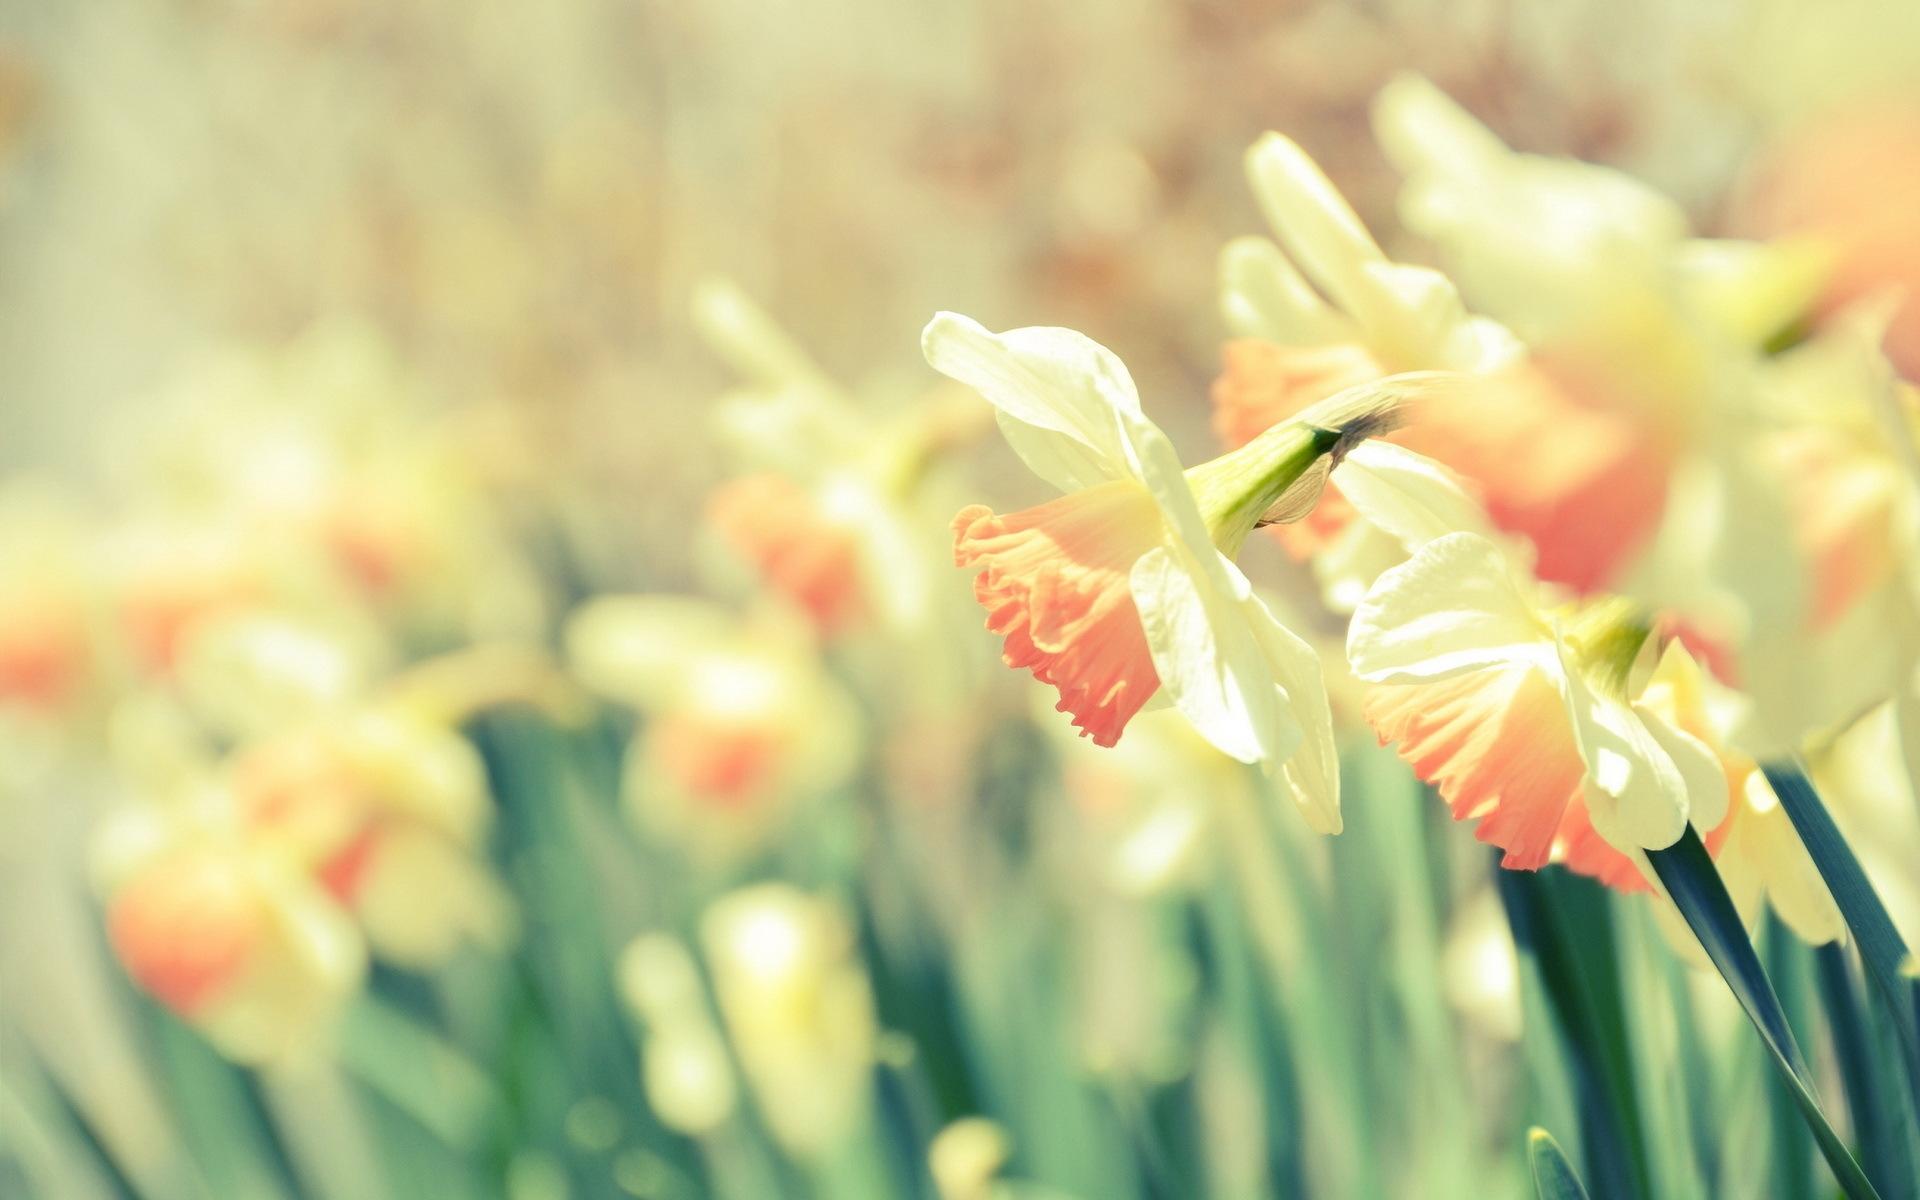 Cute Desktop Wallpaper Tumblr Image Photo Background - Cute Spring Desktop Backgrounds - HD Wallpaper